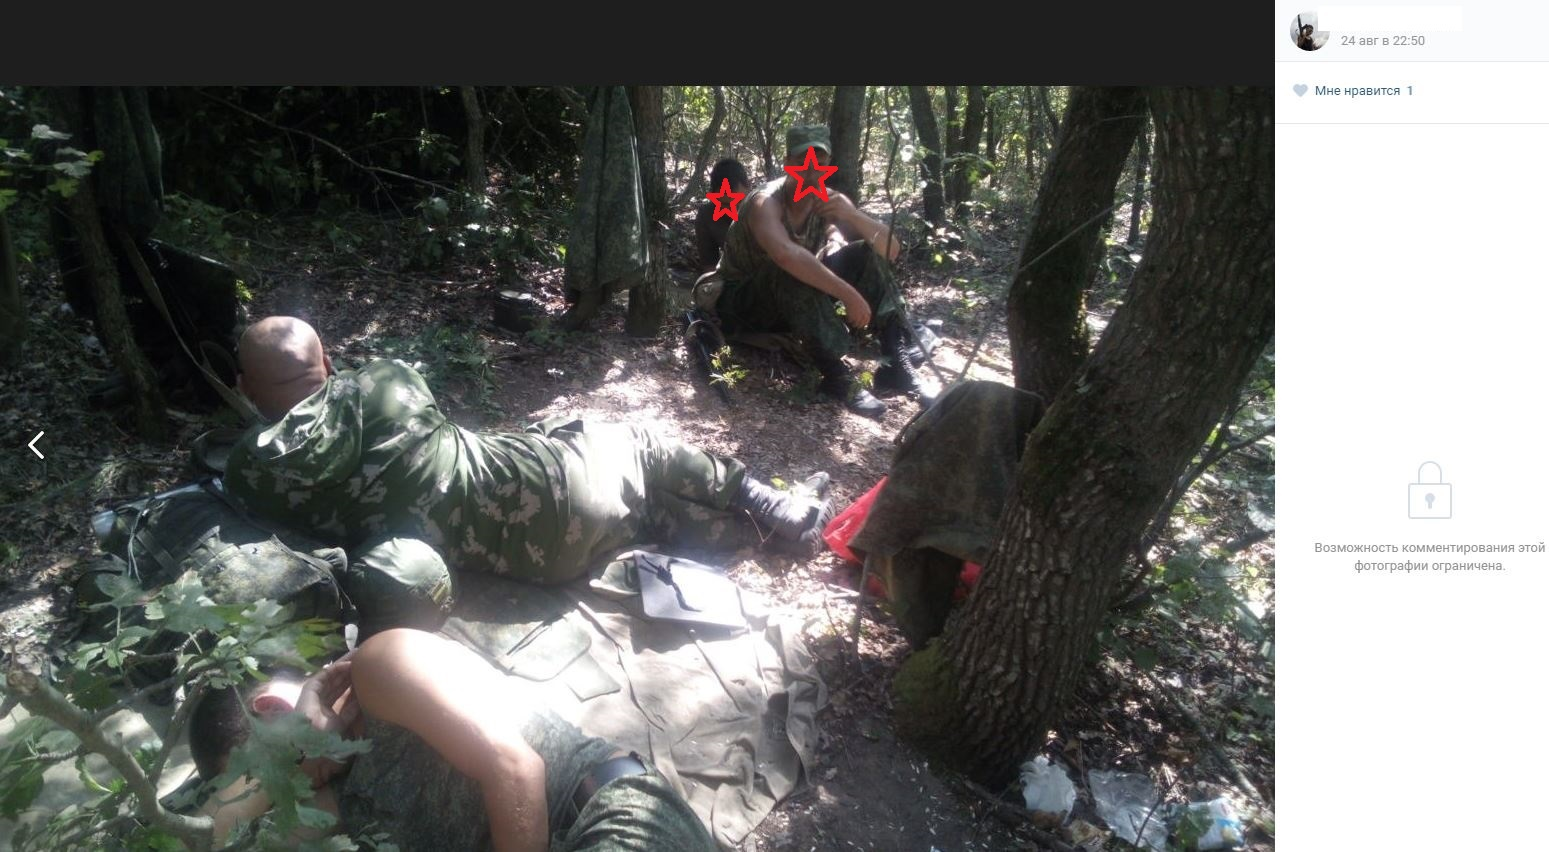 Rostov län är den plats där ryska bataljonsstridsgrupper är i aktiv tjänst.